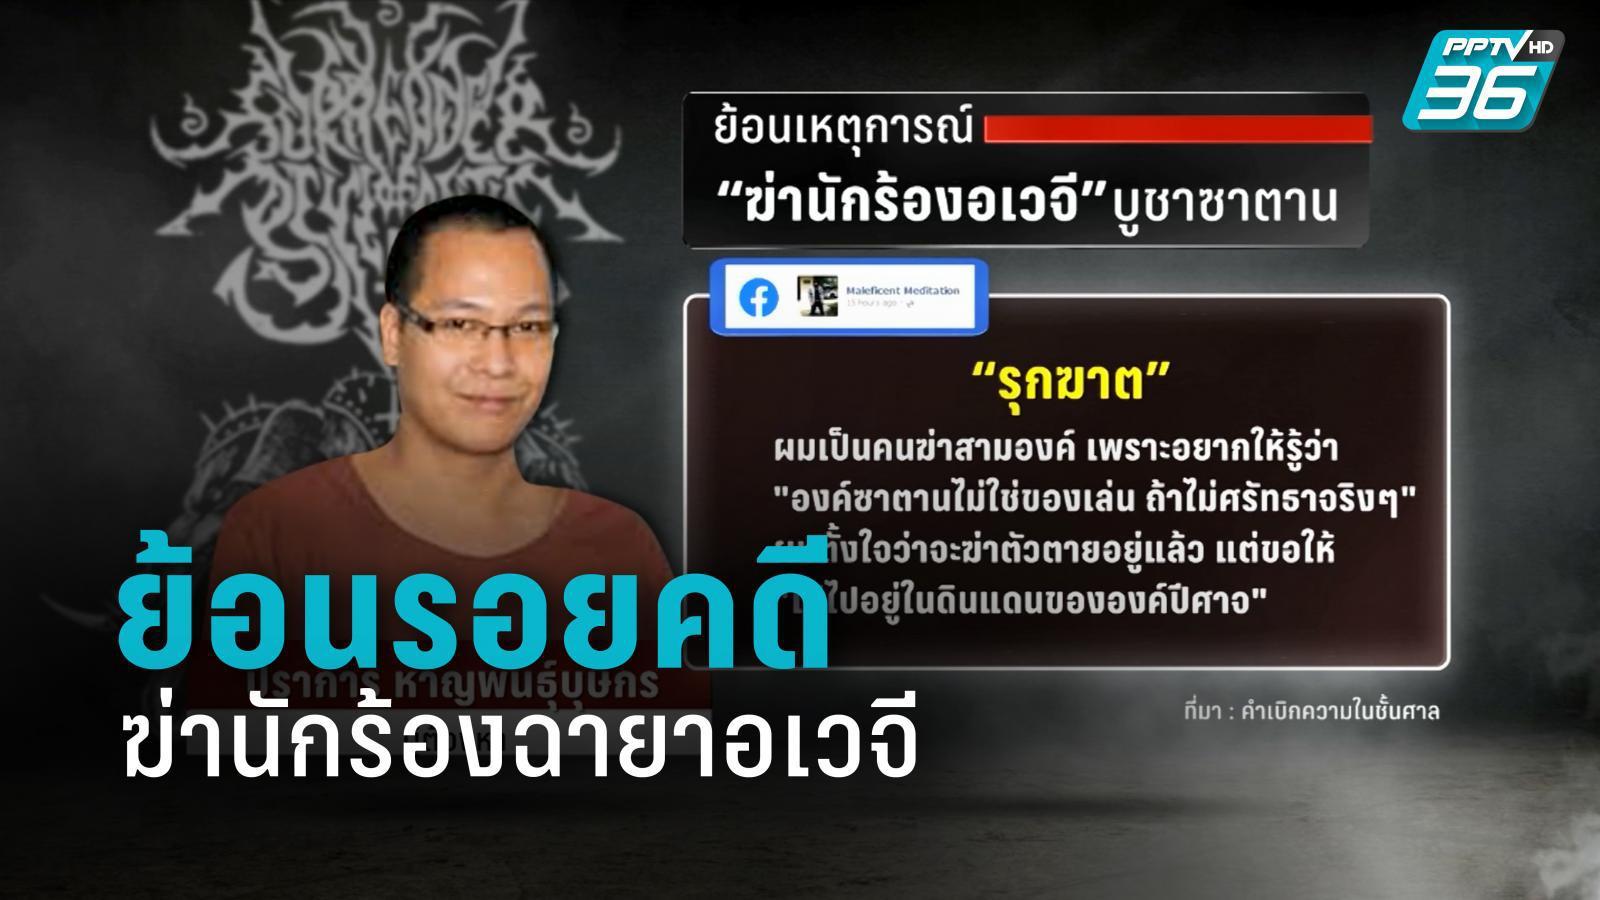 ย้อนรอยคดีฆ่านักร้องฉายาอเวจี เซ่นลัทธิซาตานในไทย